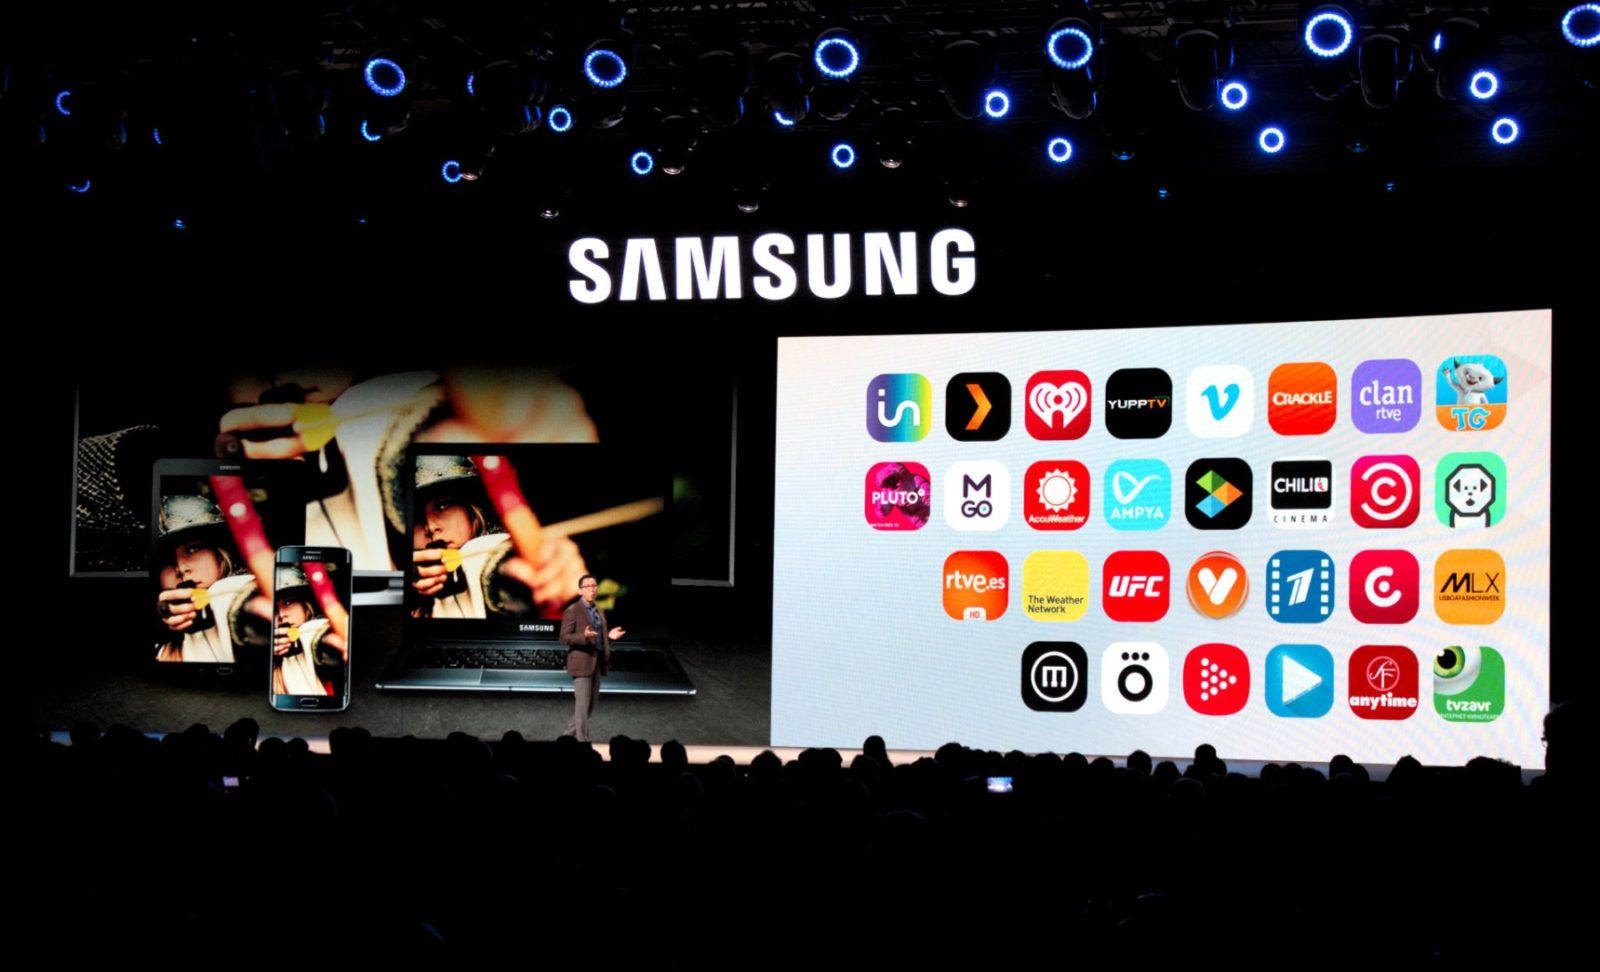 Samsung brevetta una nuova tecnologia TV olografica per i futuri display